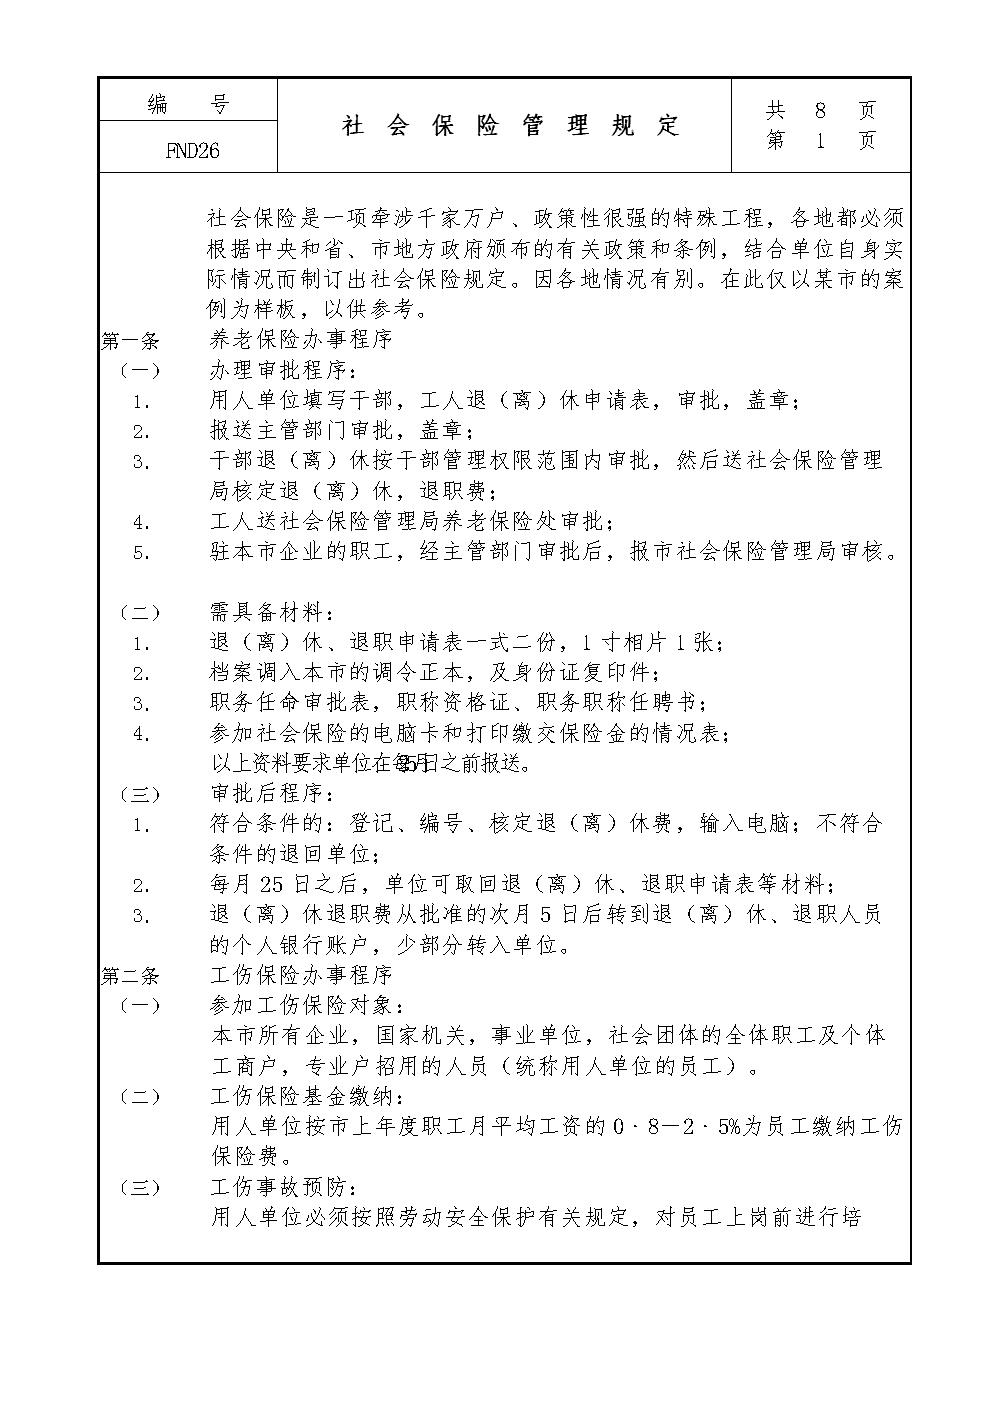 【企业管理】26社会保险管理规定.doc